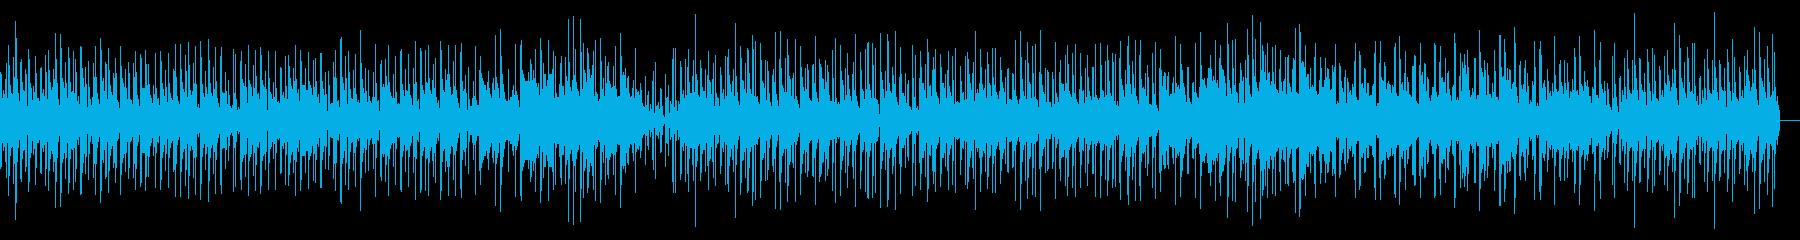 ピンクのイメージでウクレレ・アコギポップの再生済みの波形